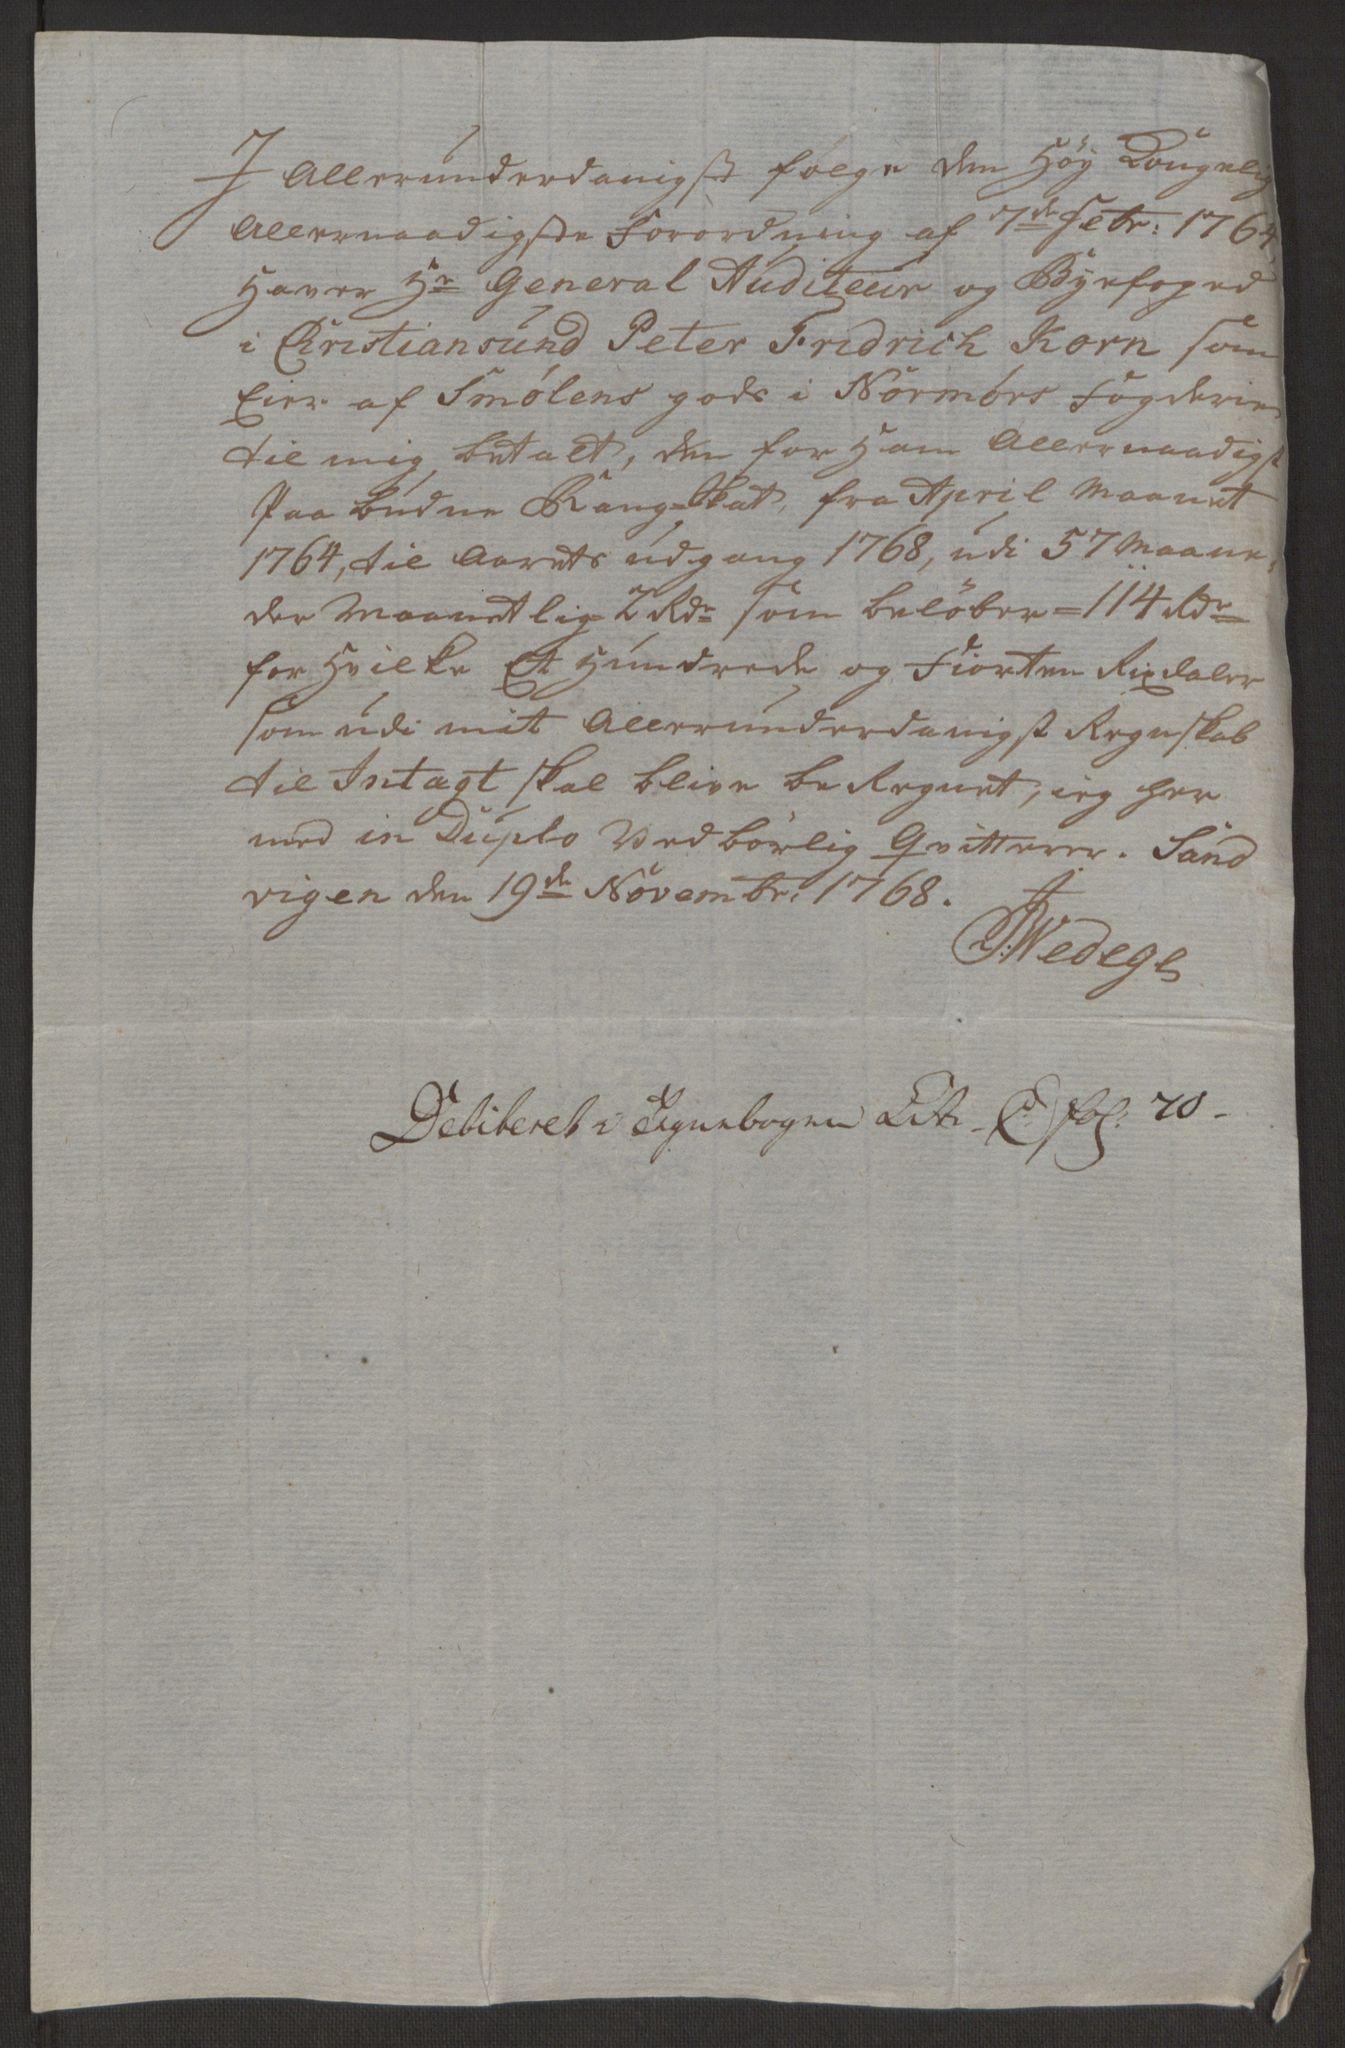 RA, Rentekammeret inntil 1814, Reviderte regnskaper, Byregnskaper, R/Rr/L0495: [R1] Kontribusjonsregnskap, 1762-1772, s. 145